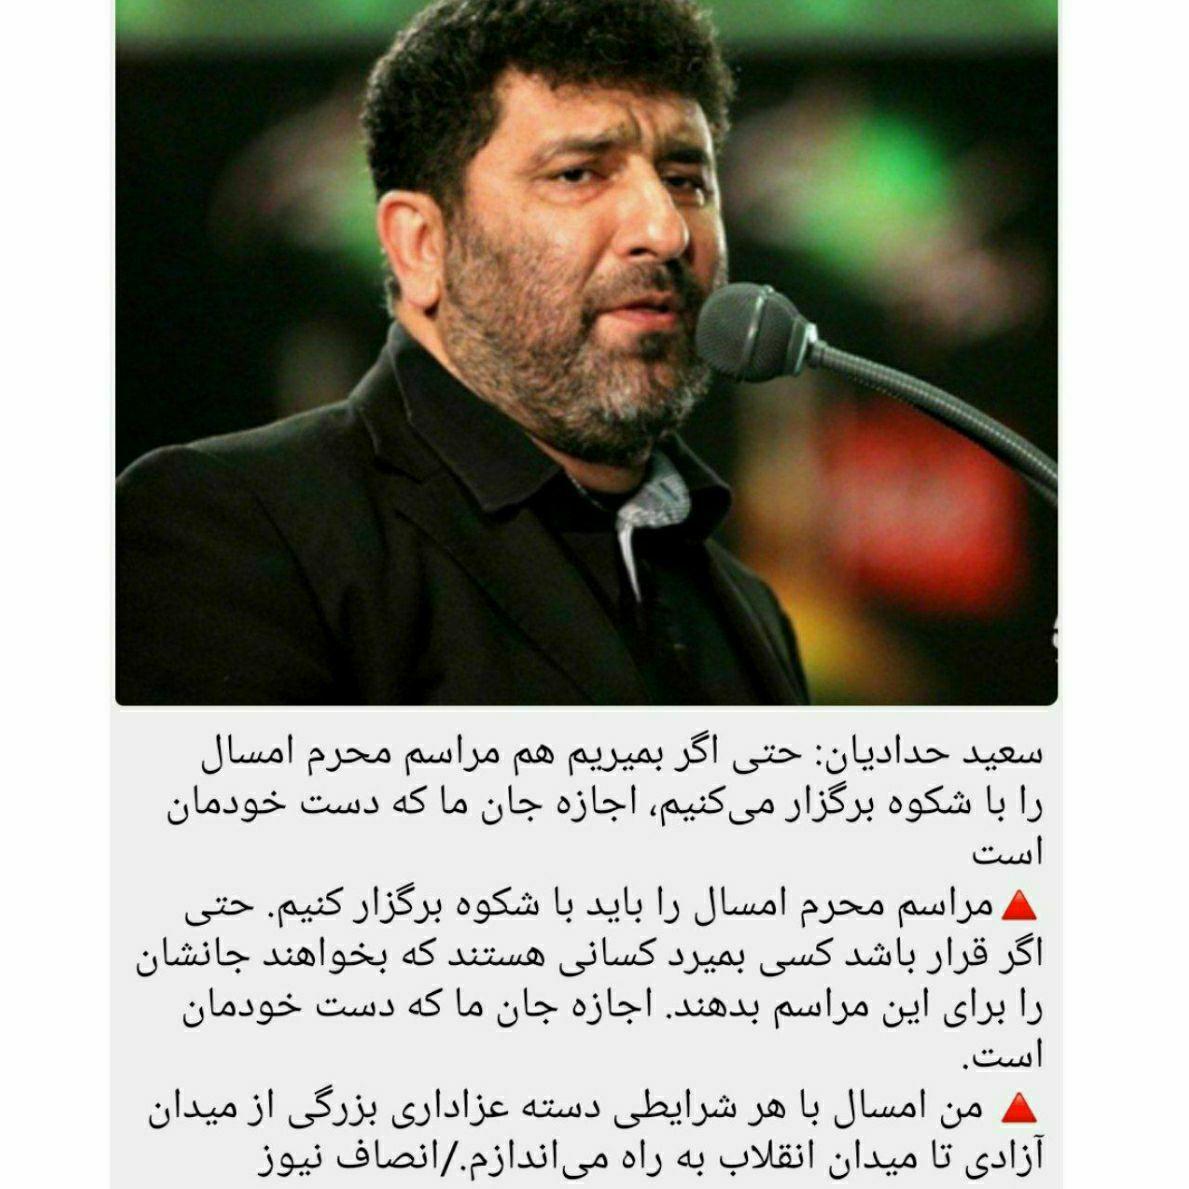 سعید حدادیان گفته: حتی اگر بمی … 751939001595966405